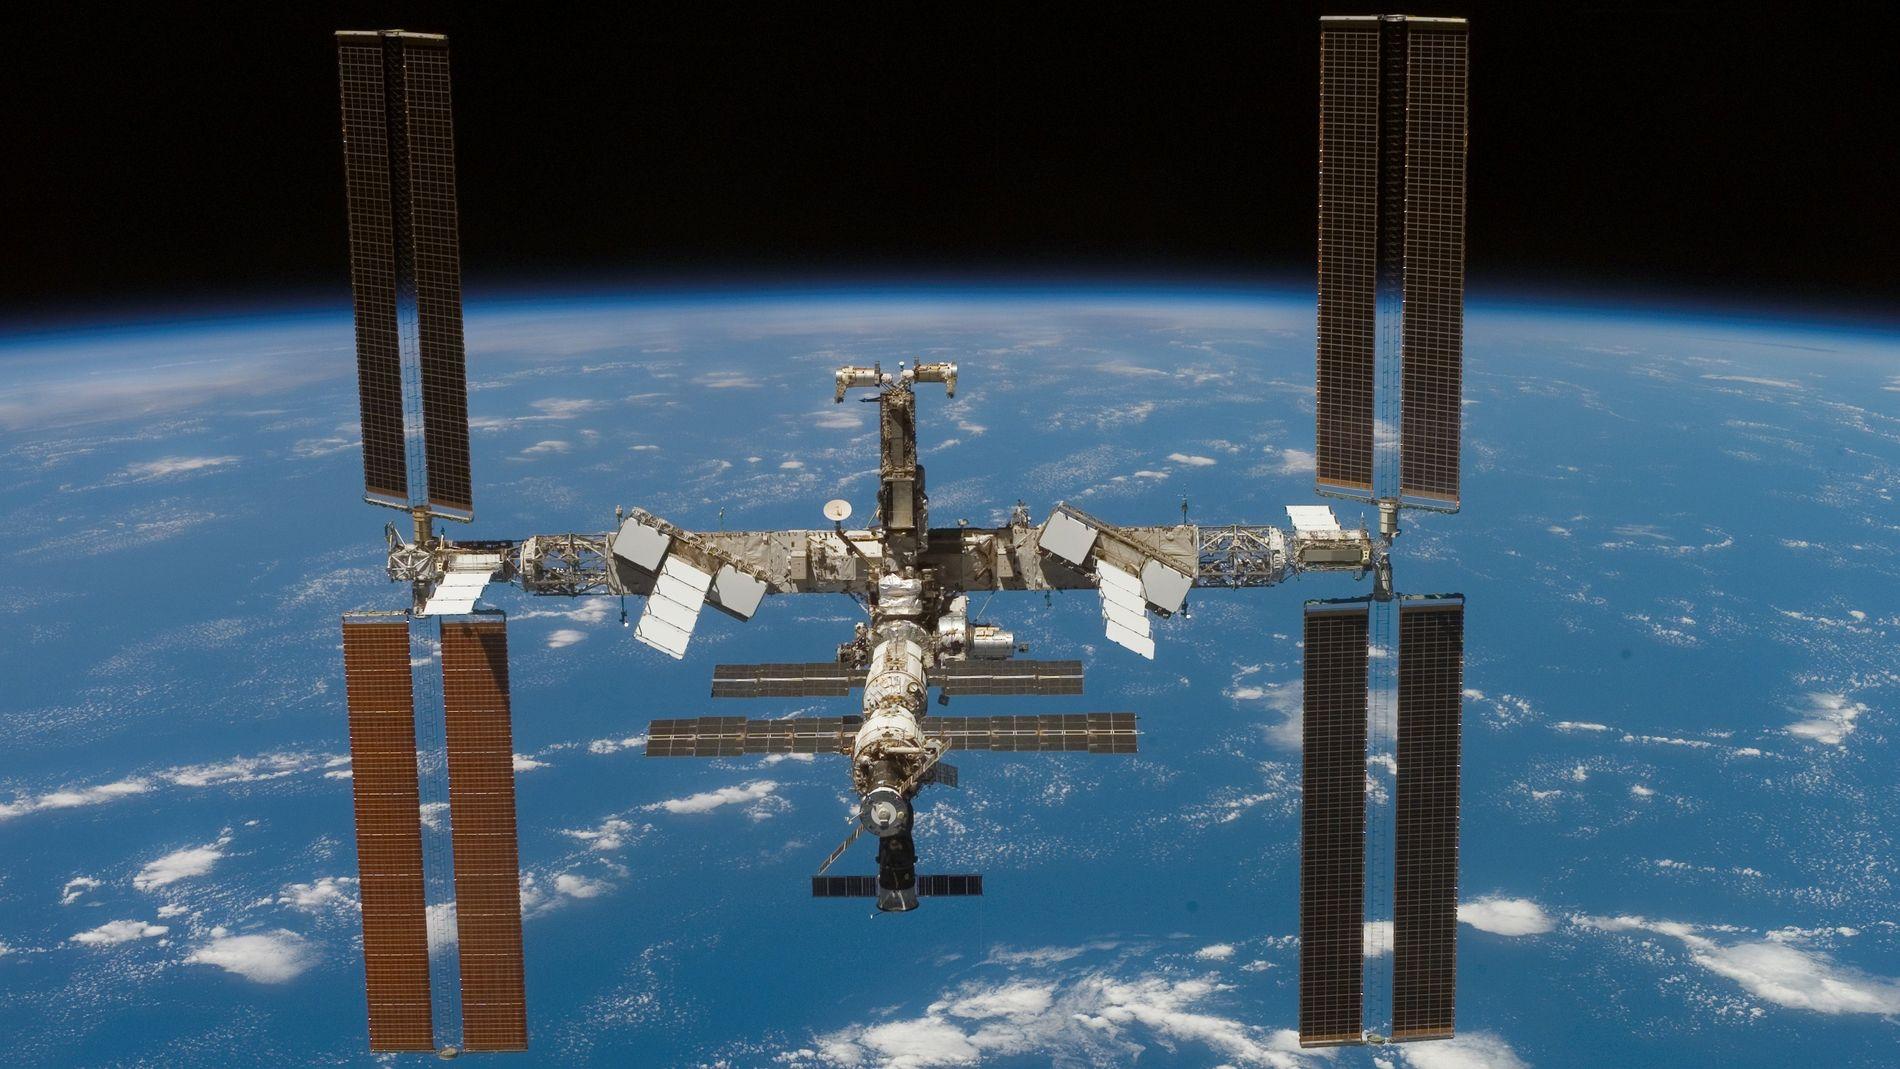 400 Kilometer über der Erde: Die ISS nach dem Abdocken des Space Shuttle Atlantis im Juni 2007.